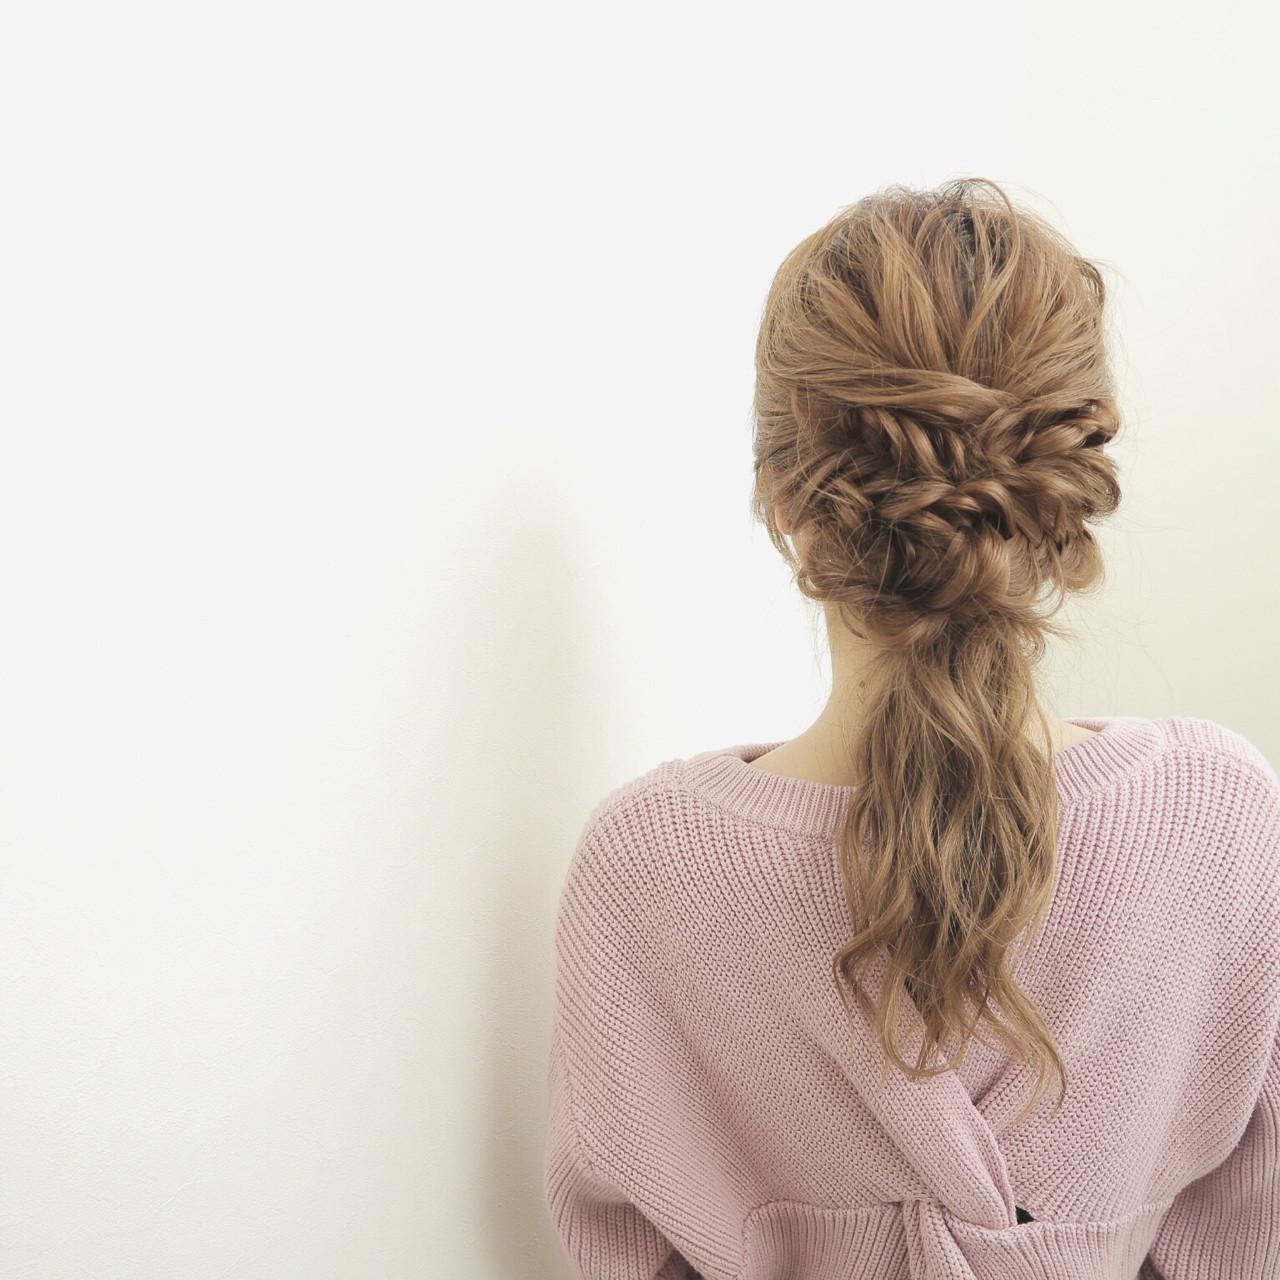 夏の予感がしたら髪型アップで出かけたい♡カジュアルアップヘアアレンジHOWTO ryota kuwamura